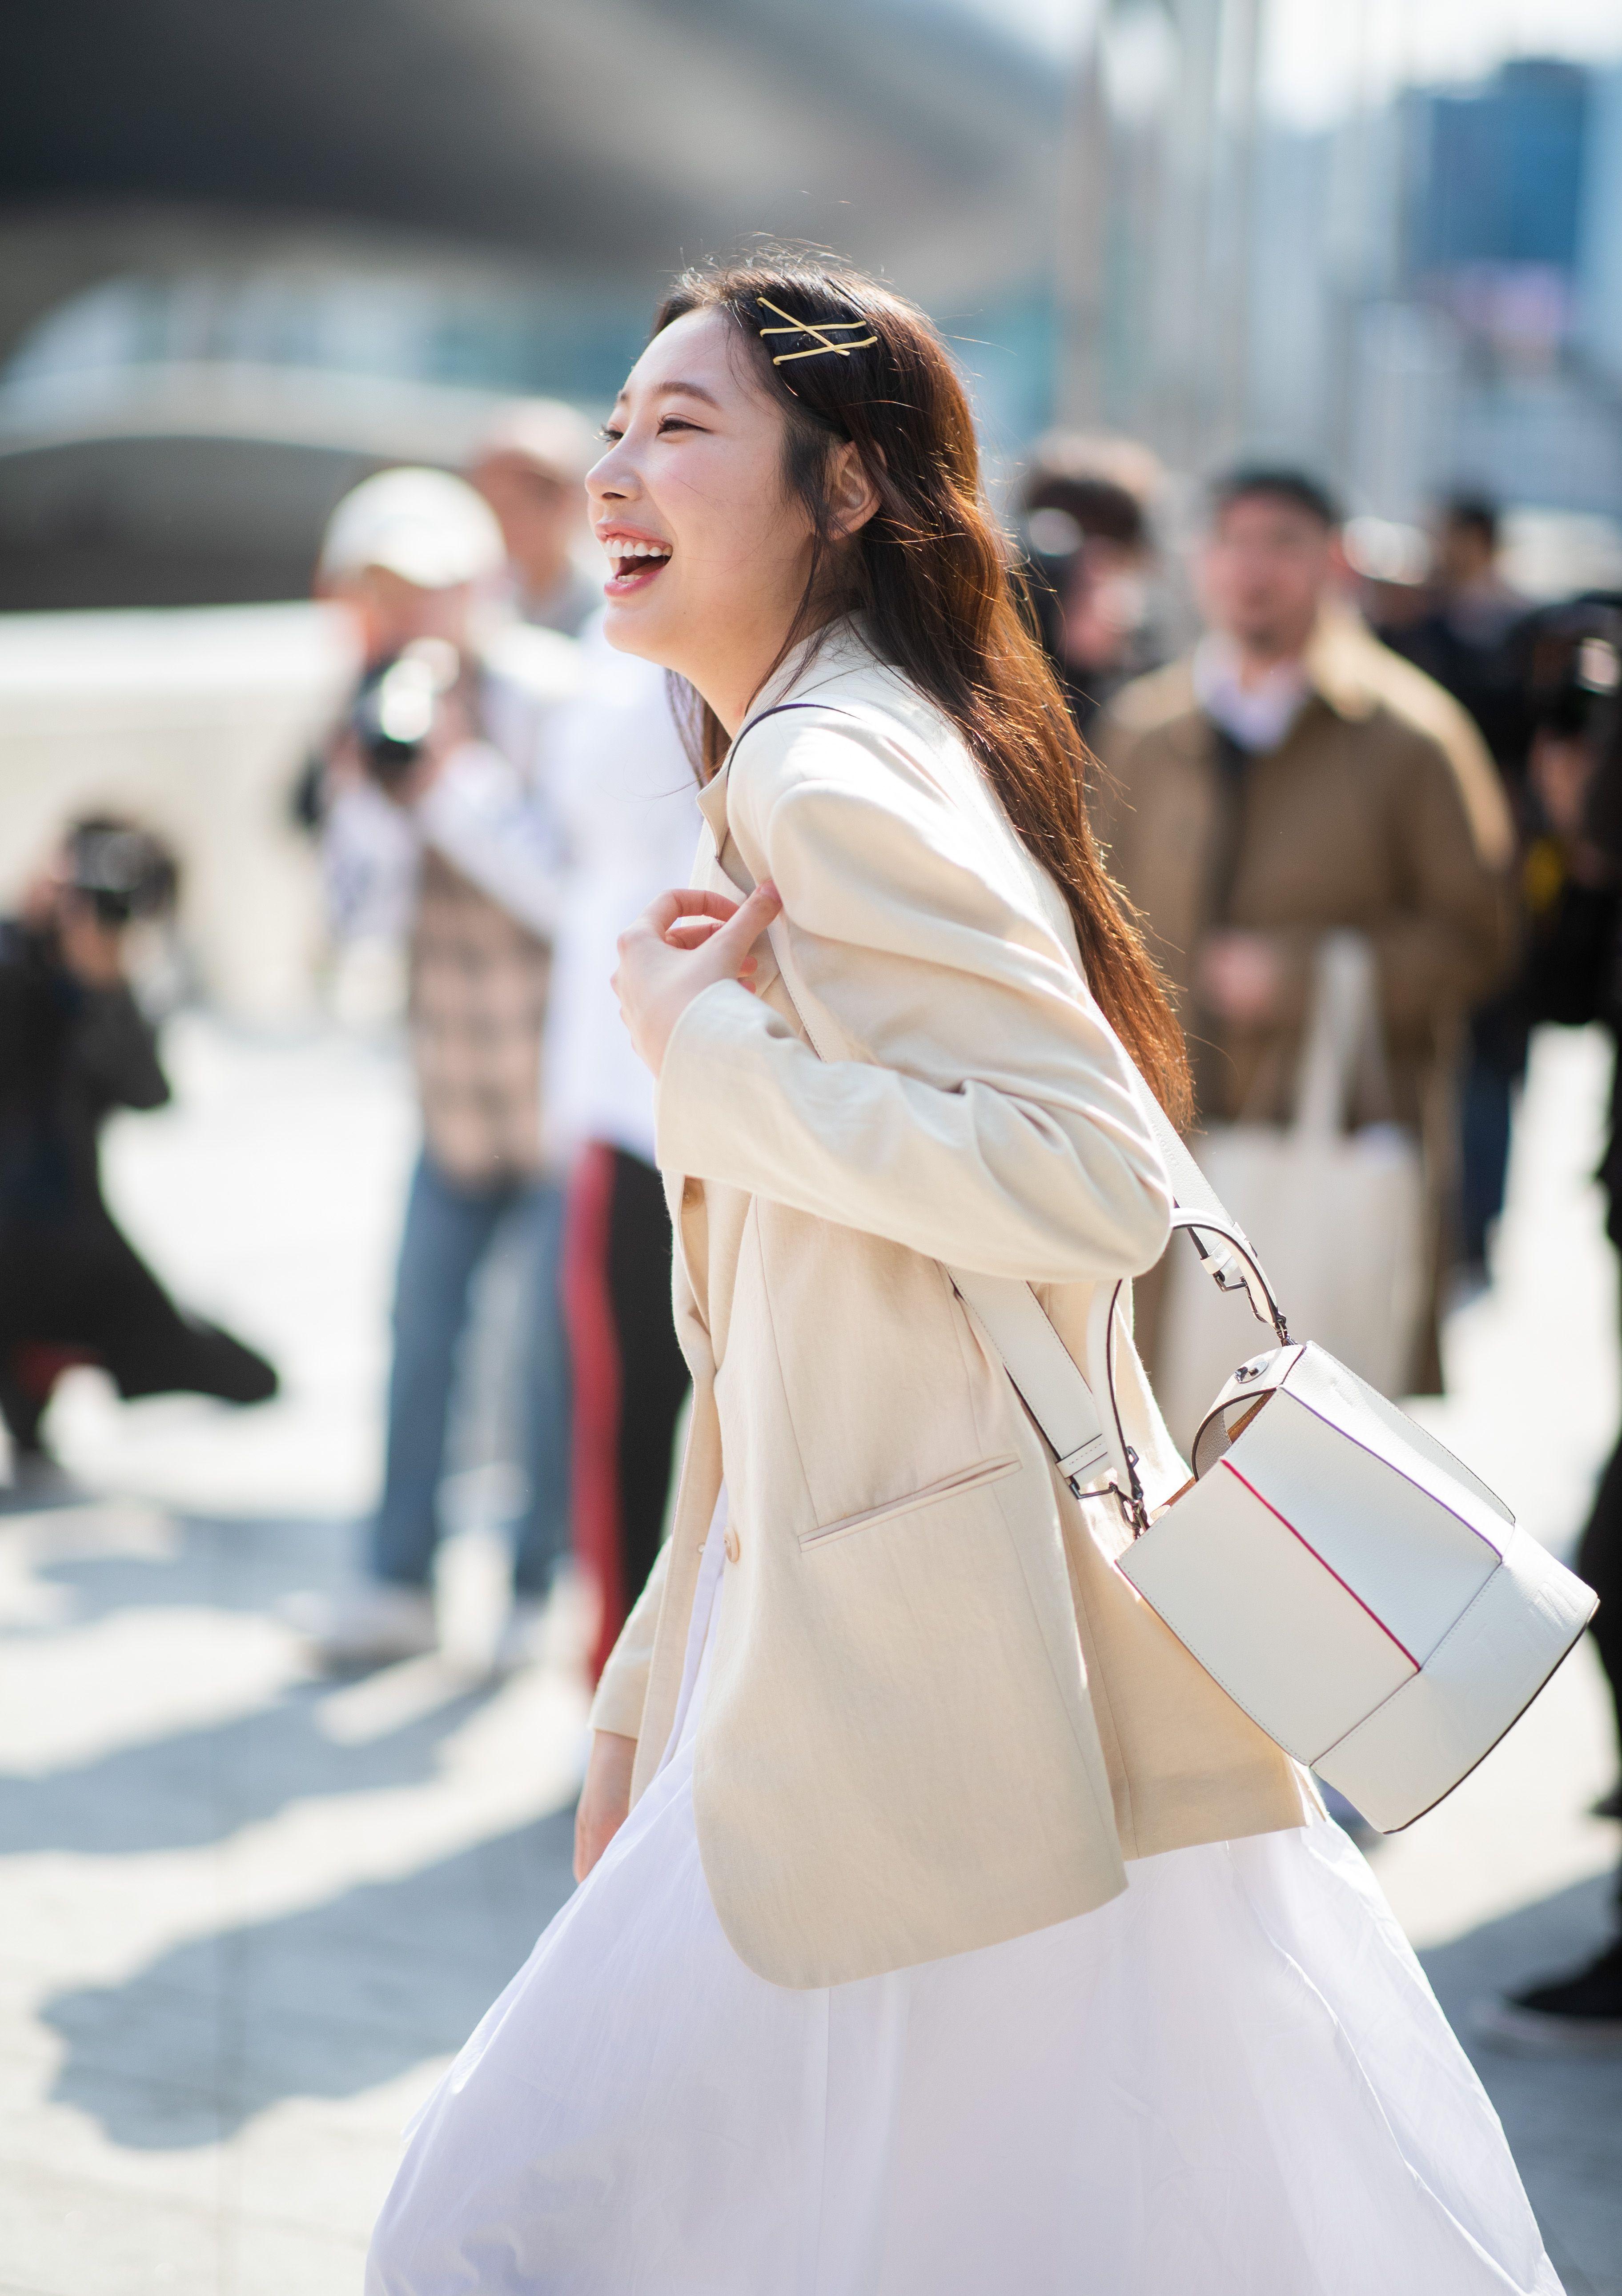 Koreaanse beroemdheden Secret dating Financial Times dating